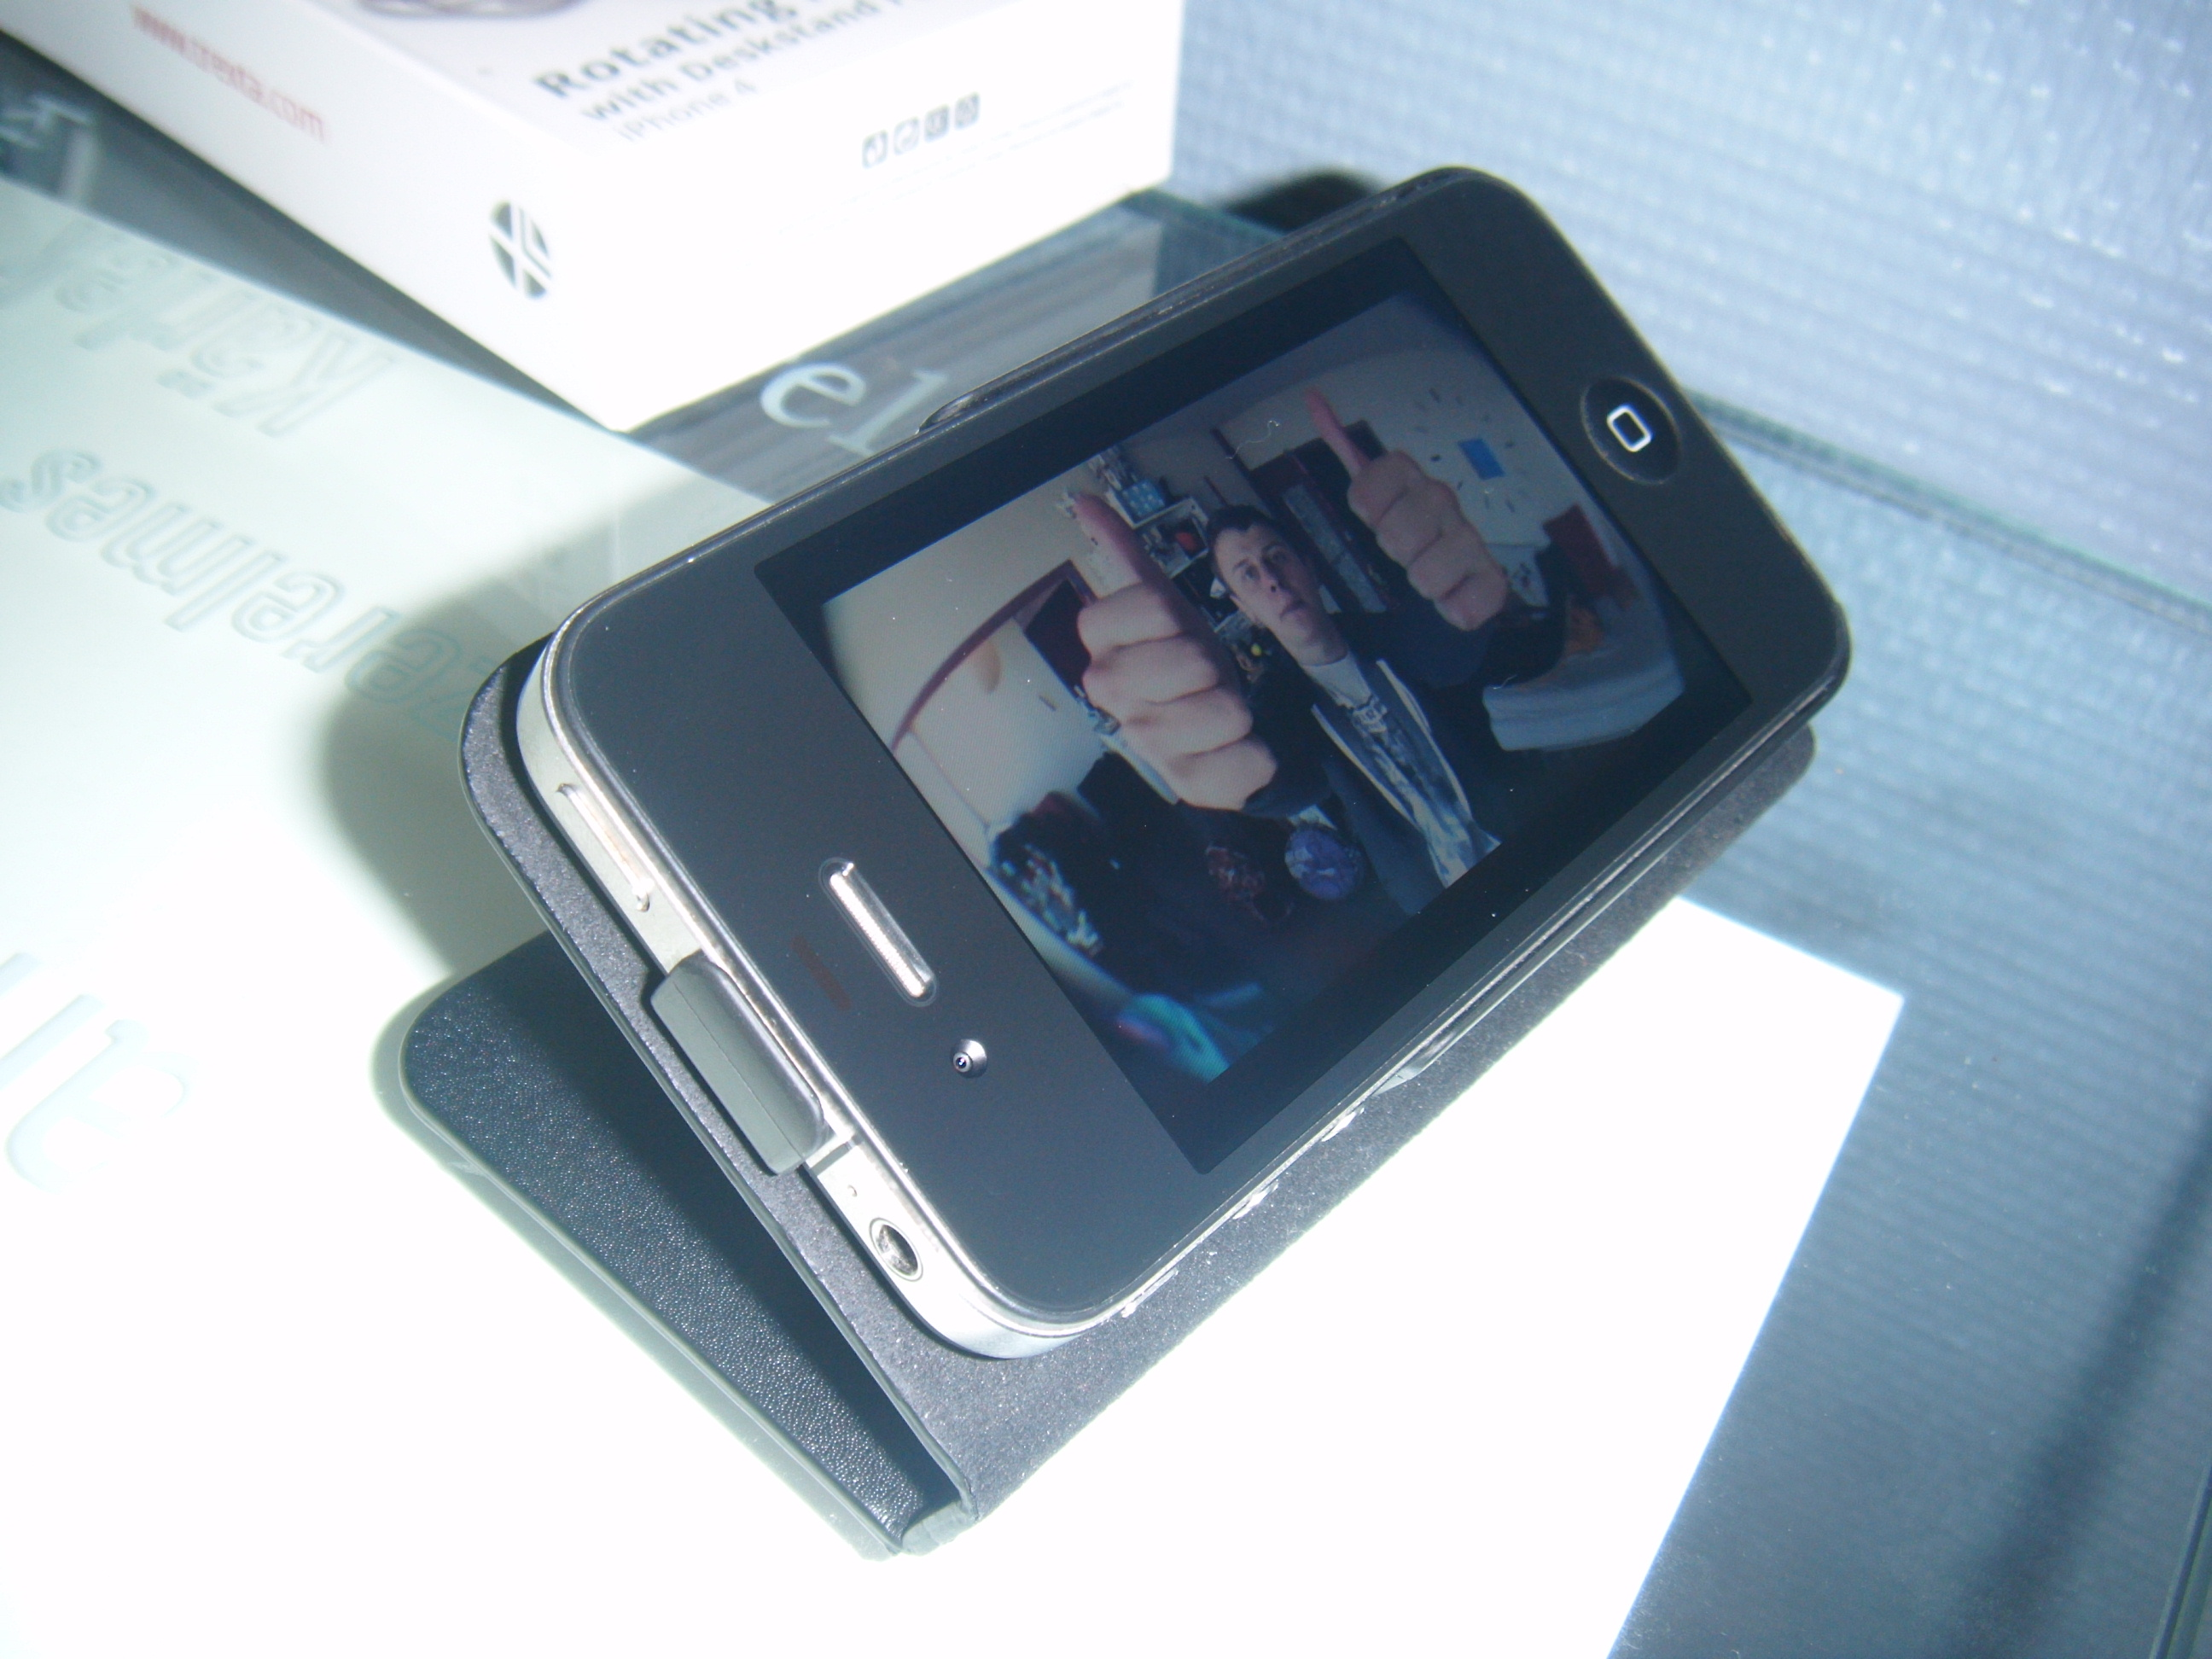 DSCF0253 Concours : 2 étuis Trexta Rotating Folio noirs pour iPhone 4 à gagner ! (39,90€)